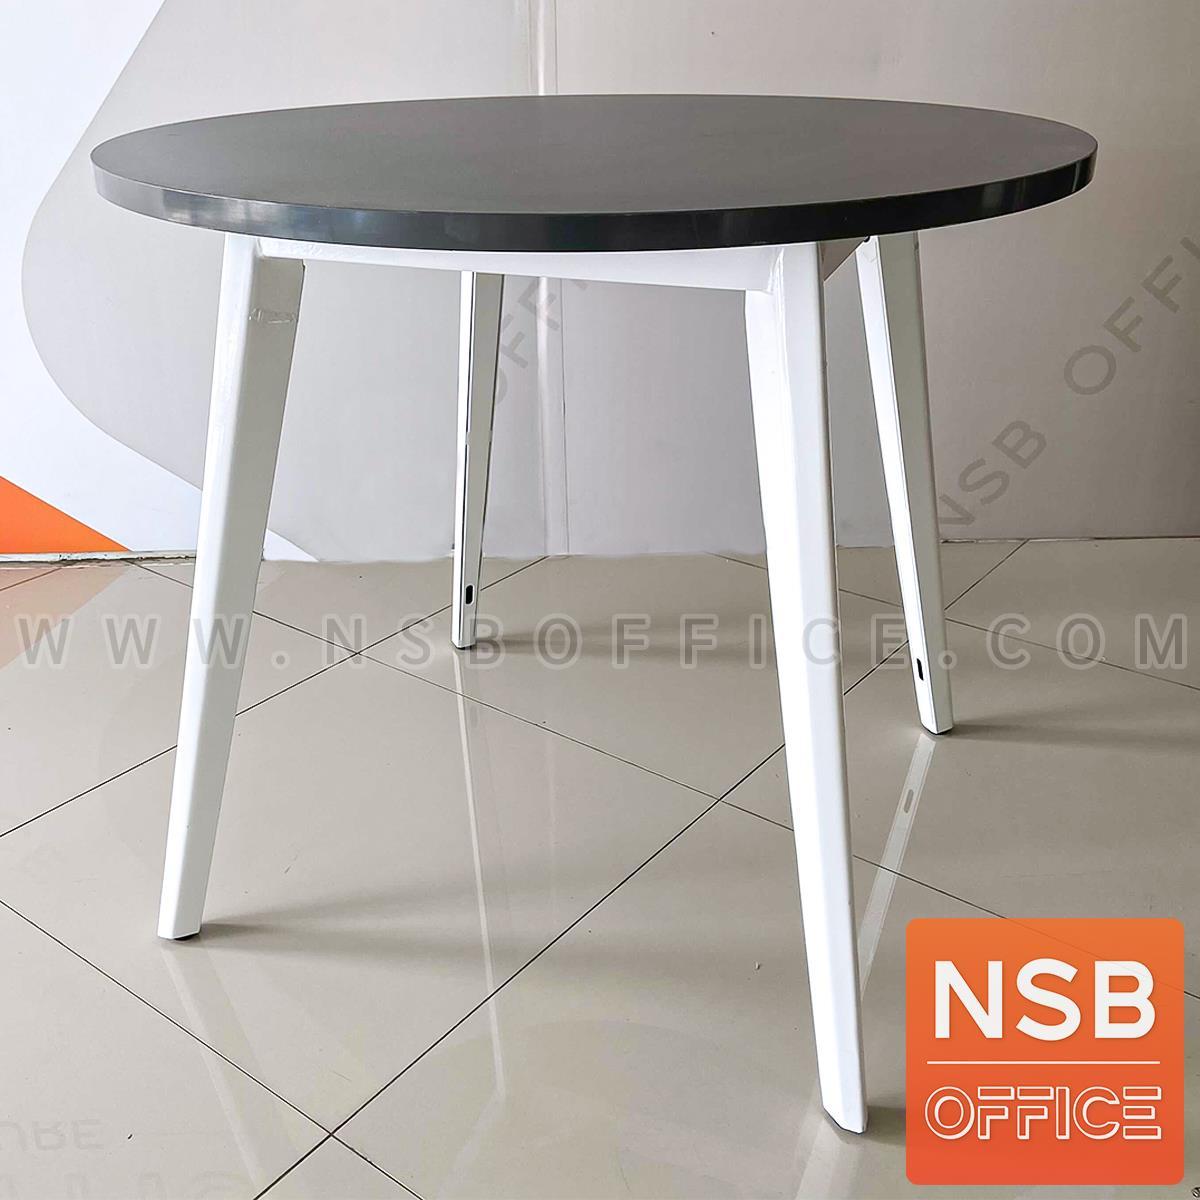 โต๊ะประชุมทรงกลม รุ่น Aston (แอสตัน) ขนาด 90Di, 120Di cm.  ขาเหล็กพ่นสี